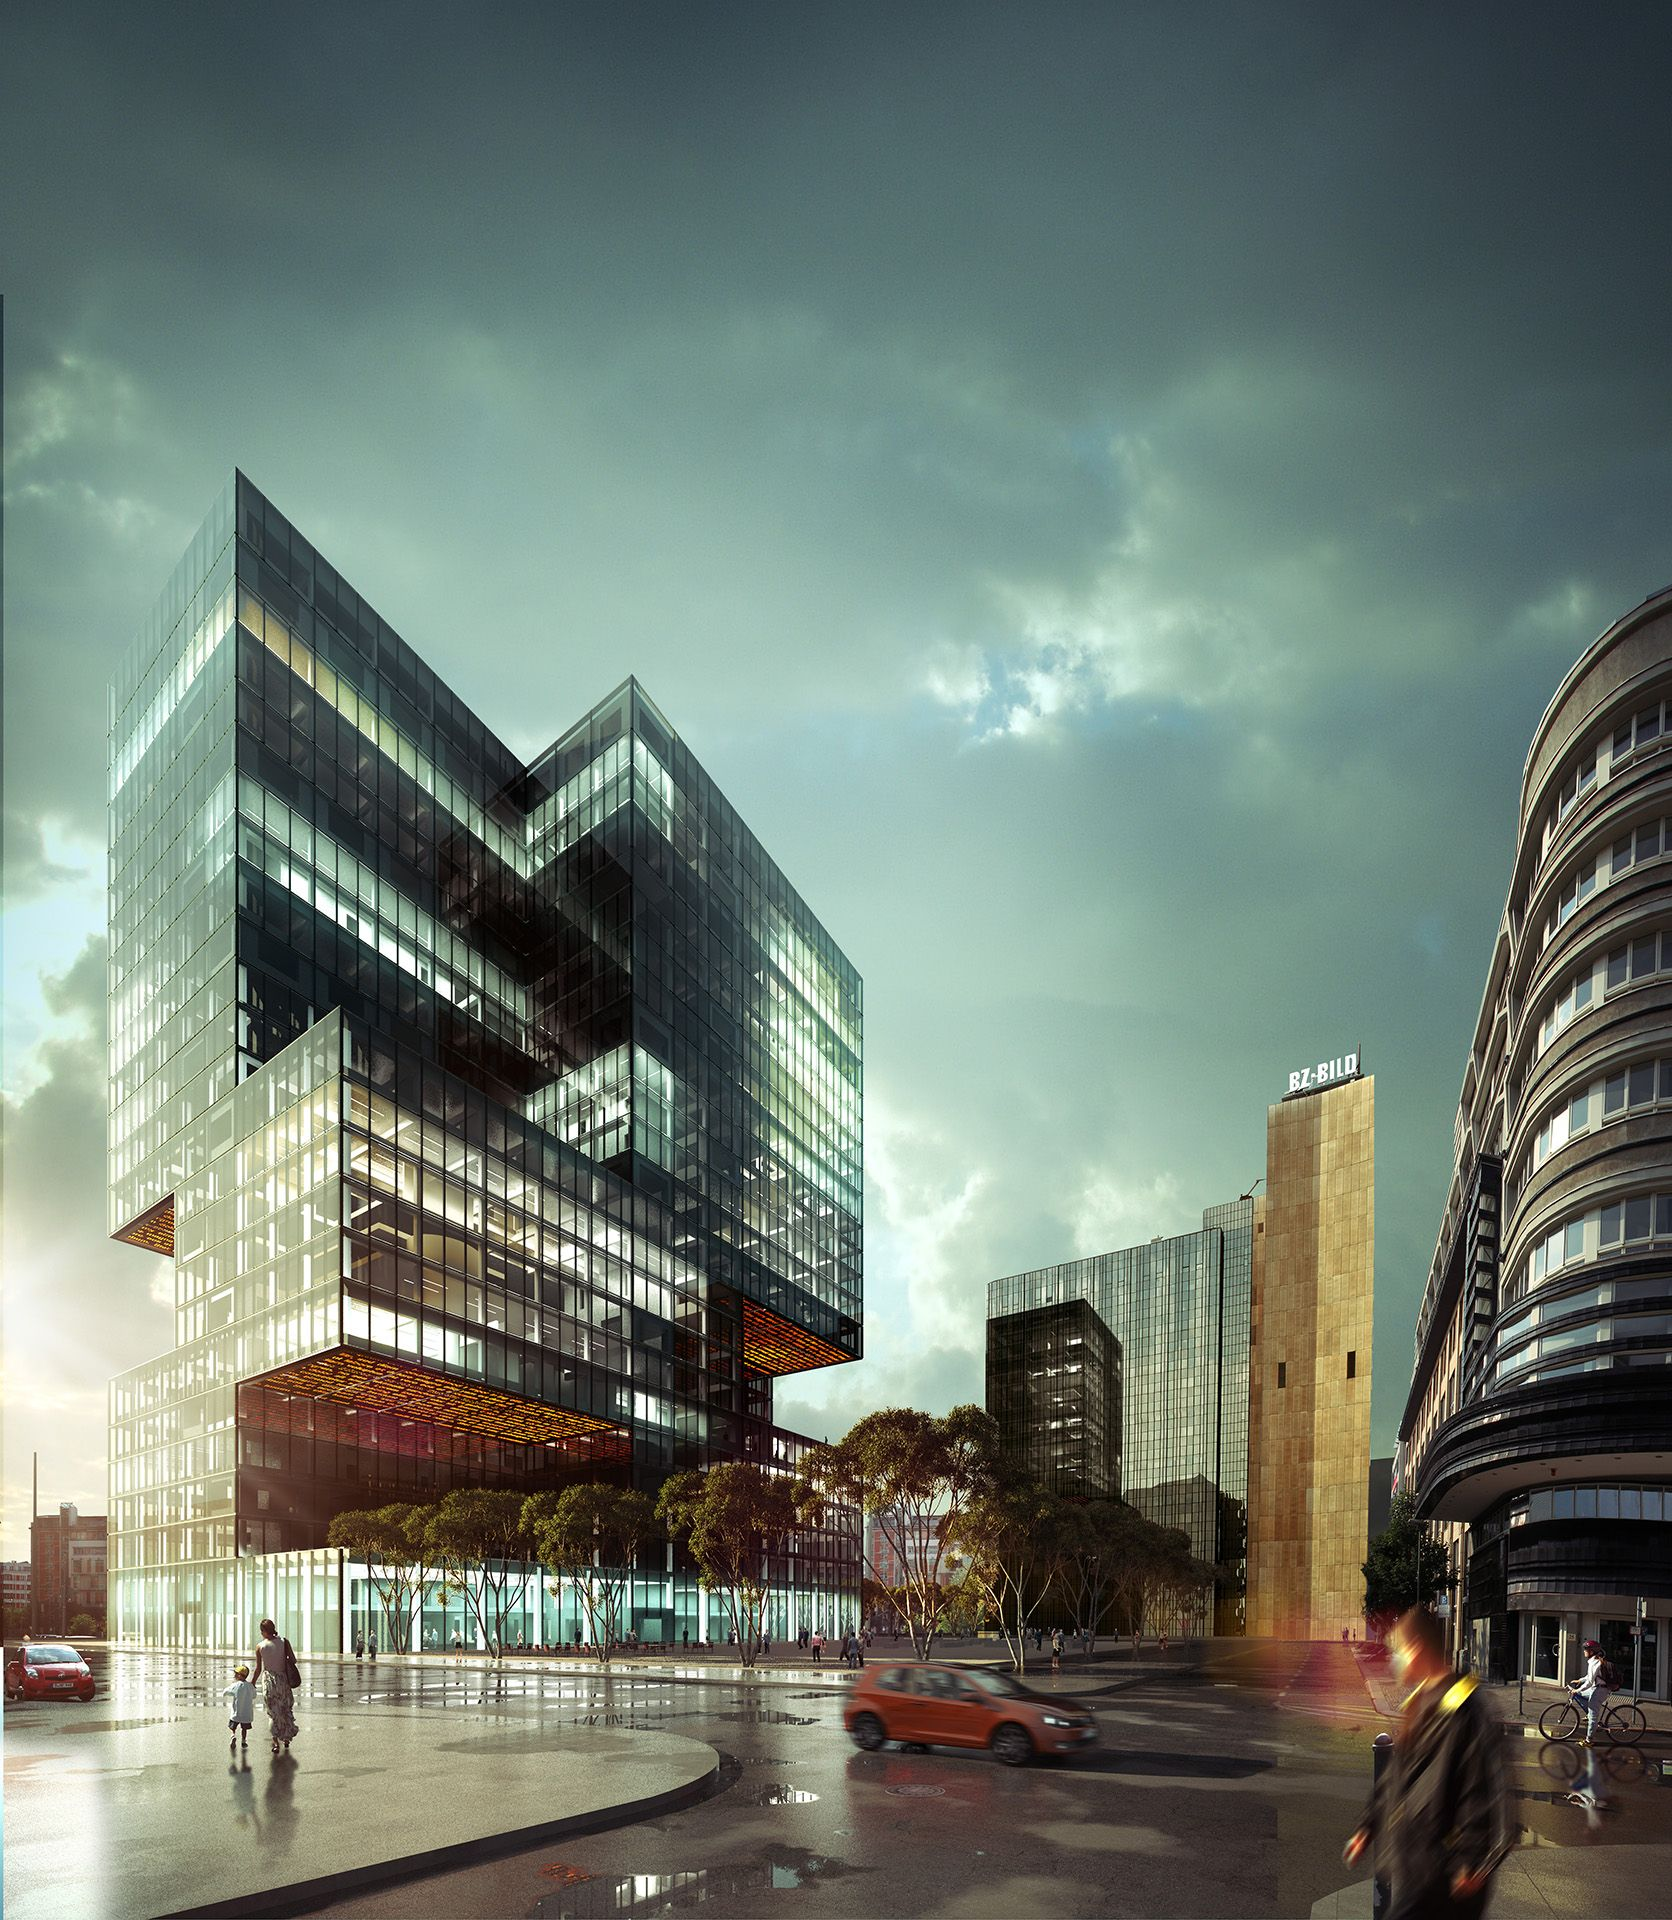 Pin by gpu design on architekturvisualisierung architectural visualisation pinterest - Architekturvisualisierung berlin ...